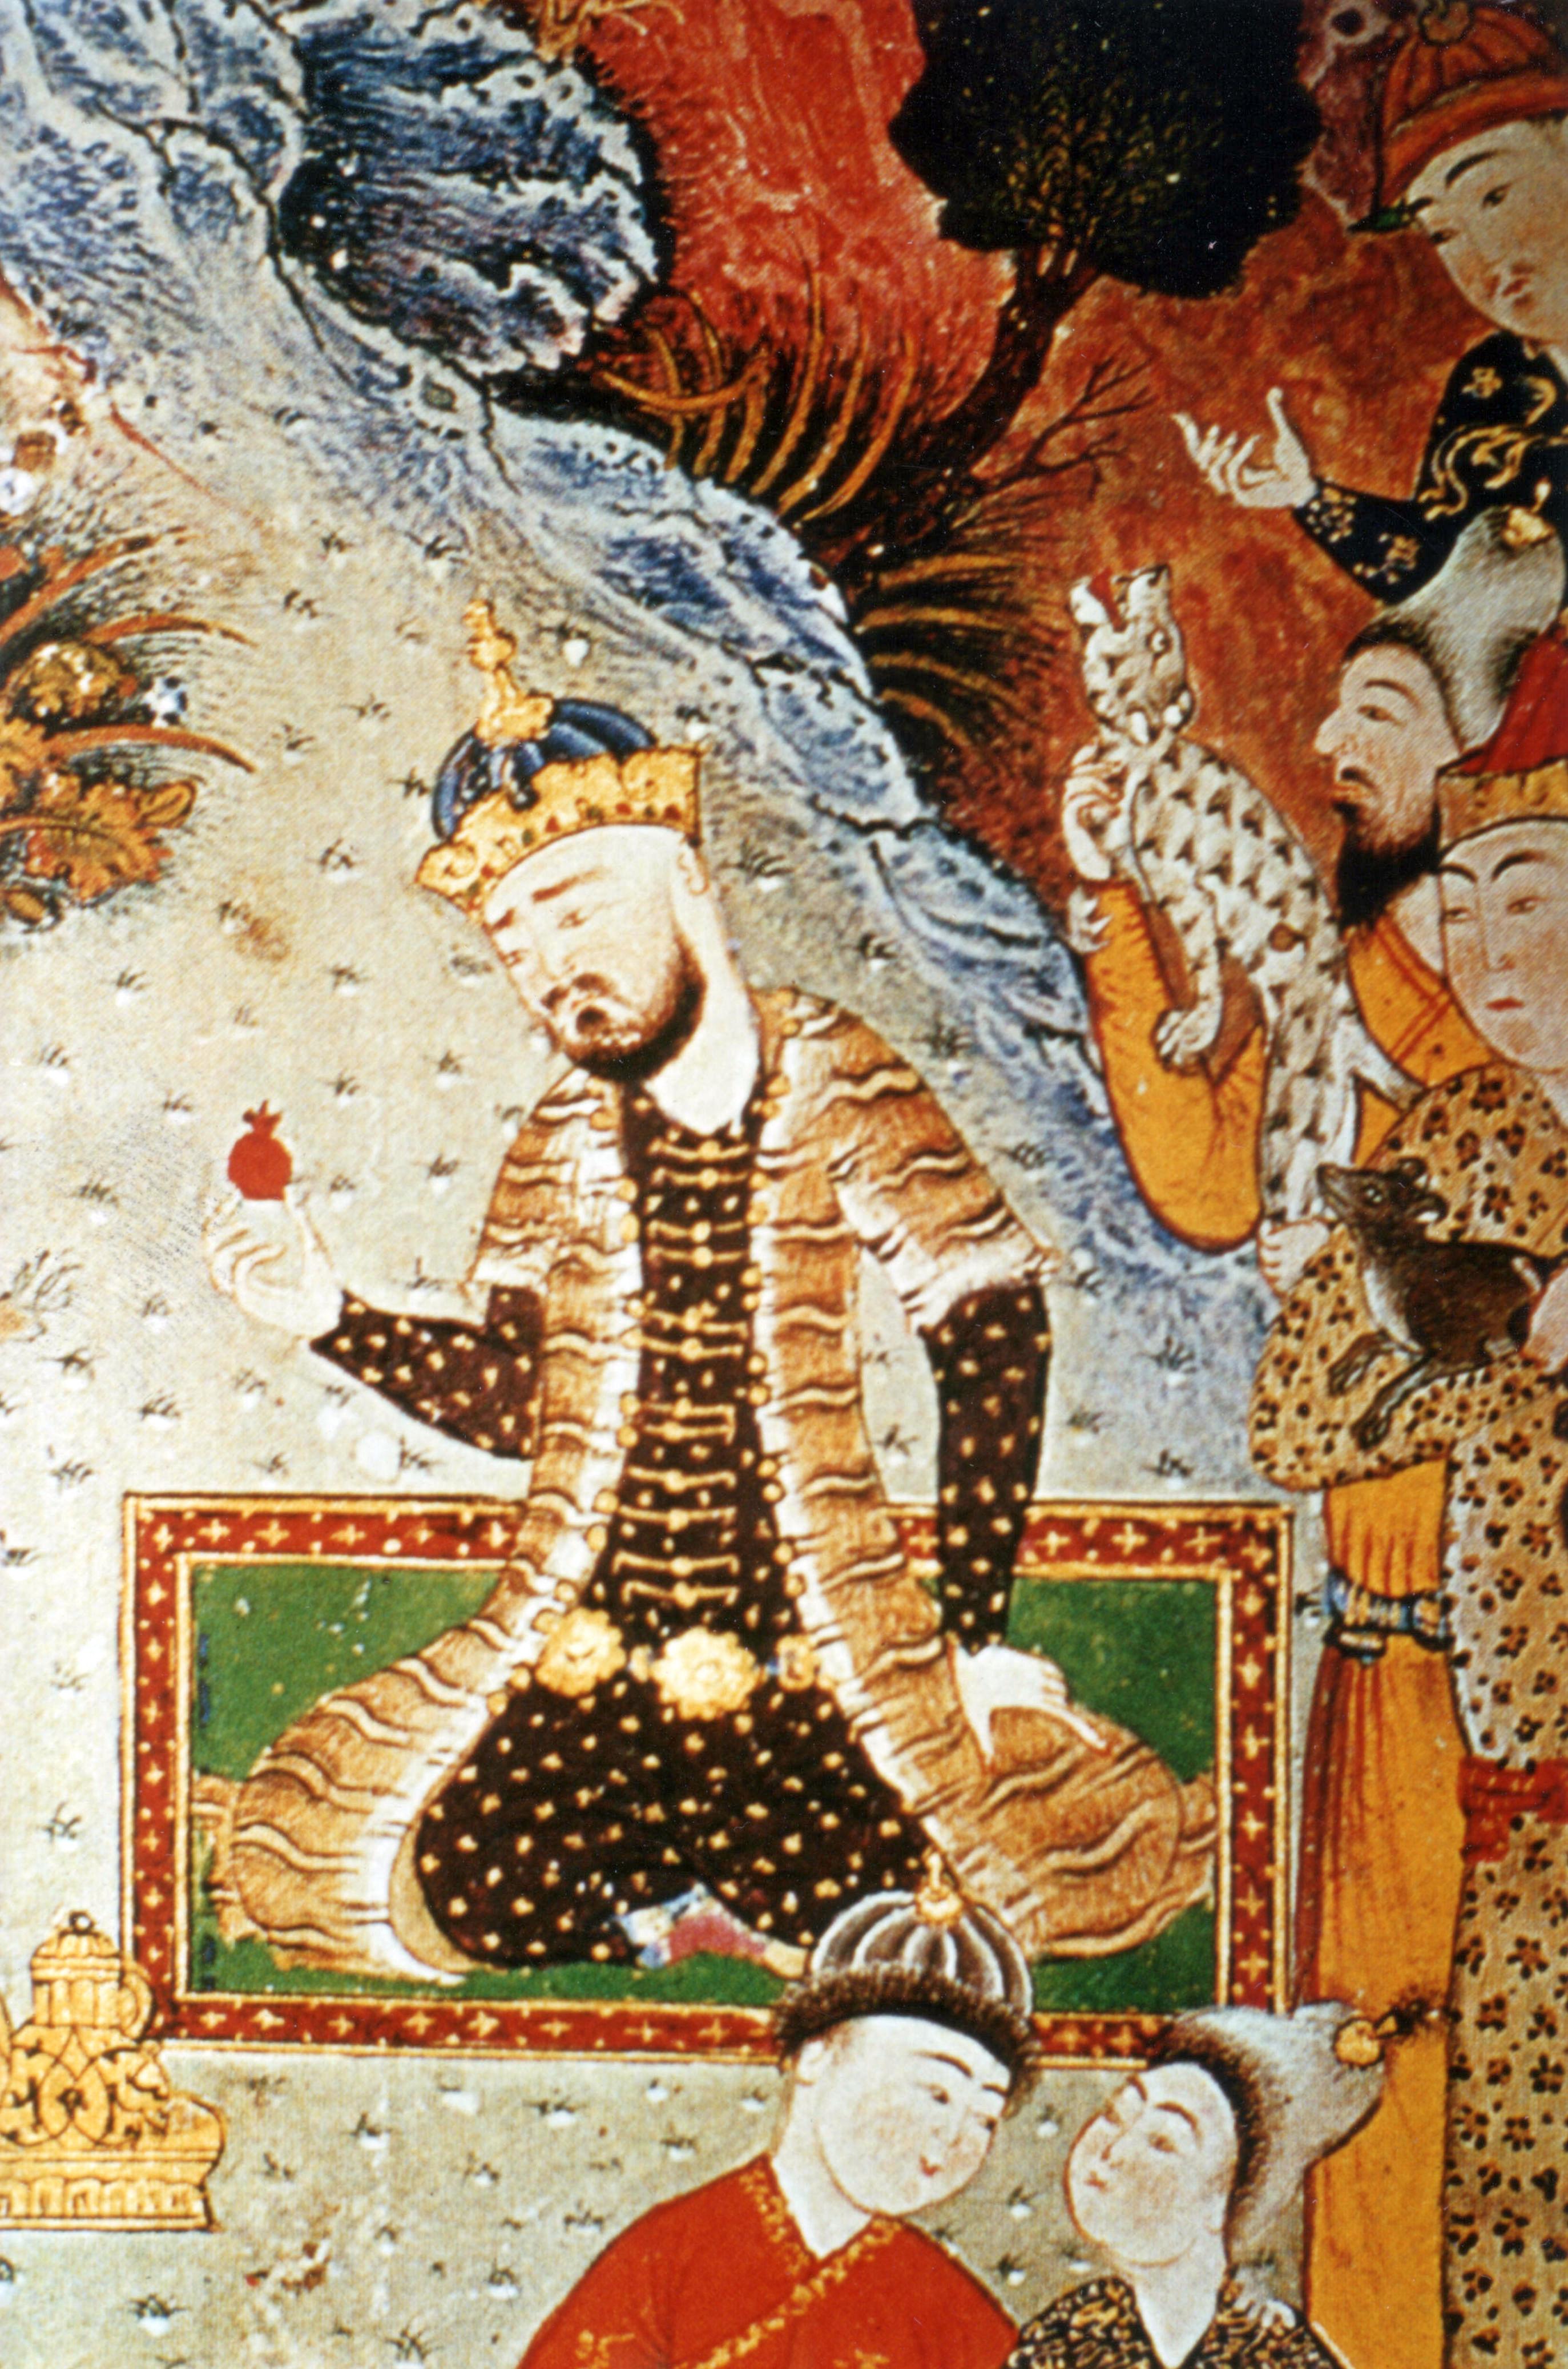 File:Das Buch der Könige - Le Chah-nâmeh, von Mir Mussavik ...